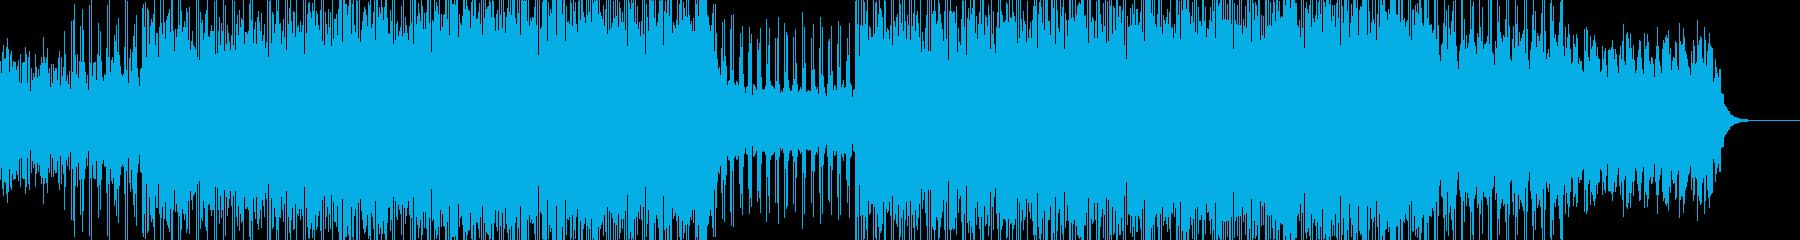 映画音楽、荘厳重厚、映像向け-26の再生済みの波形